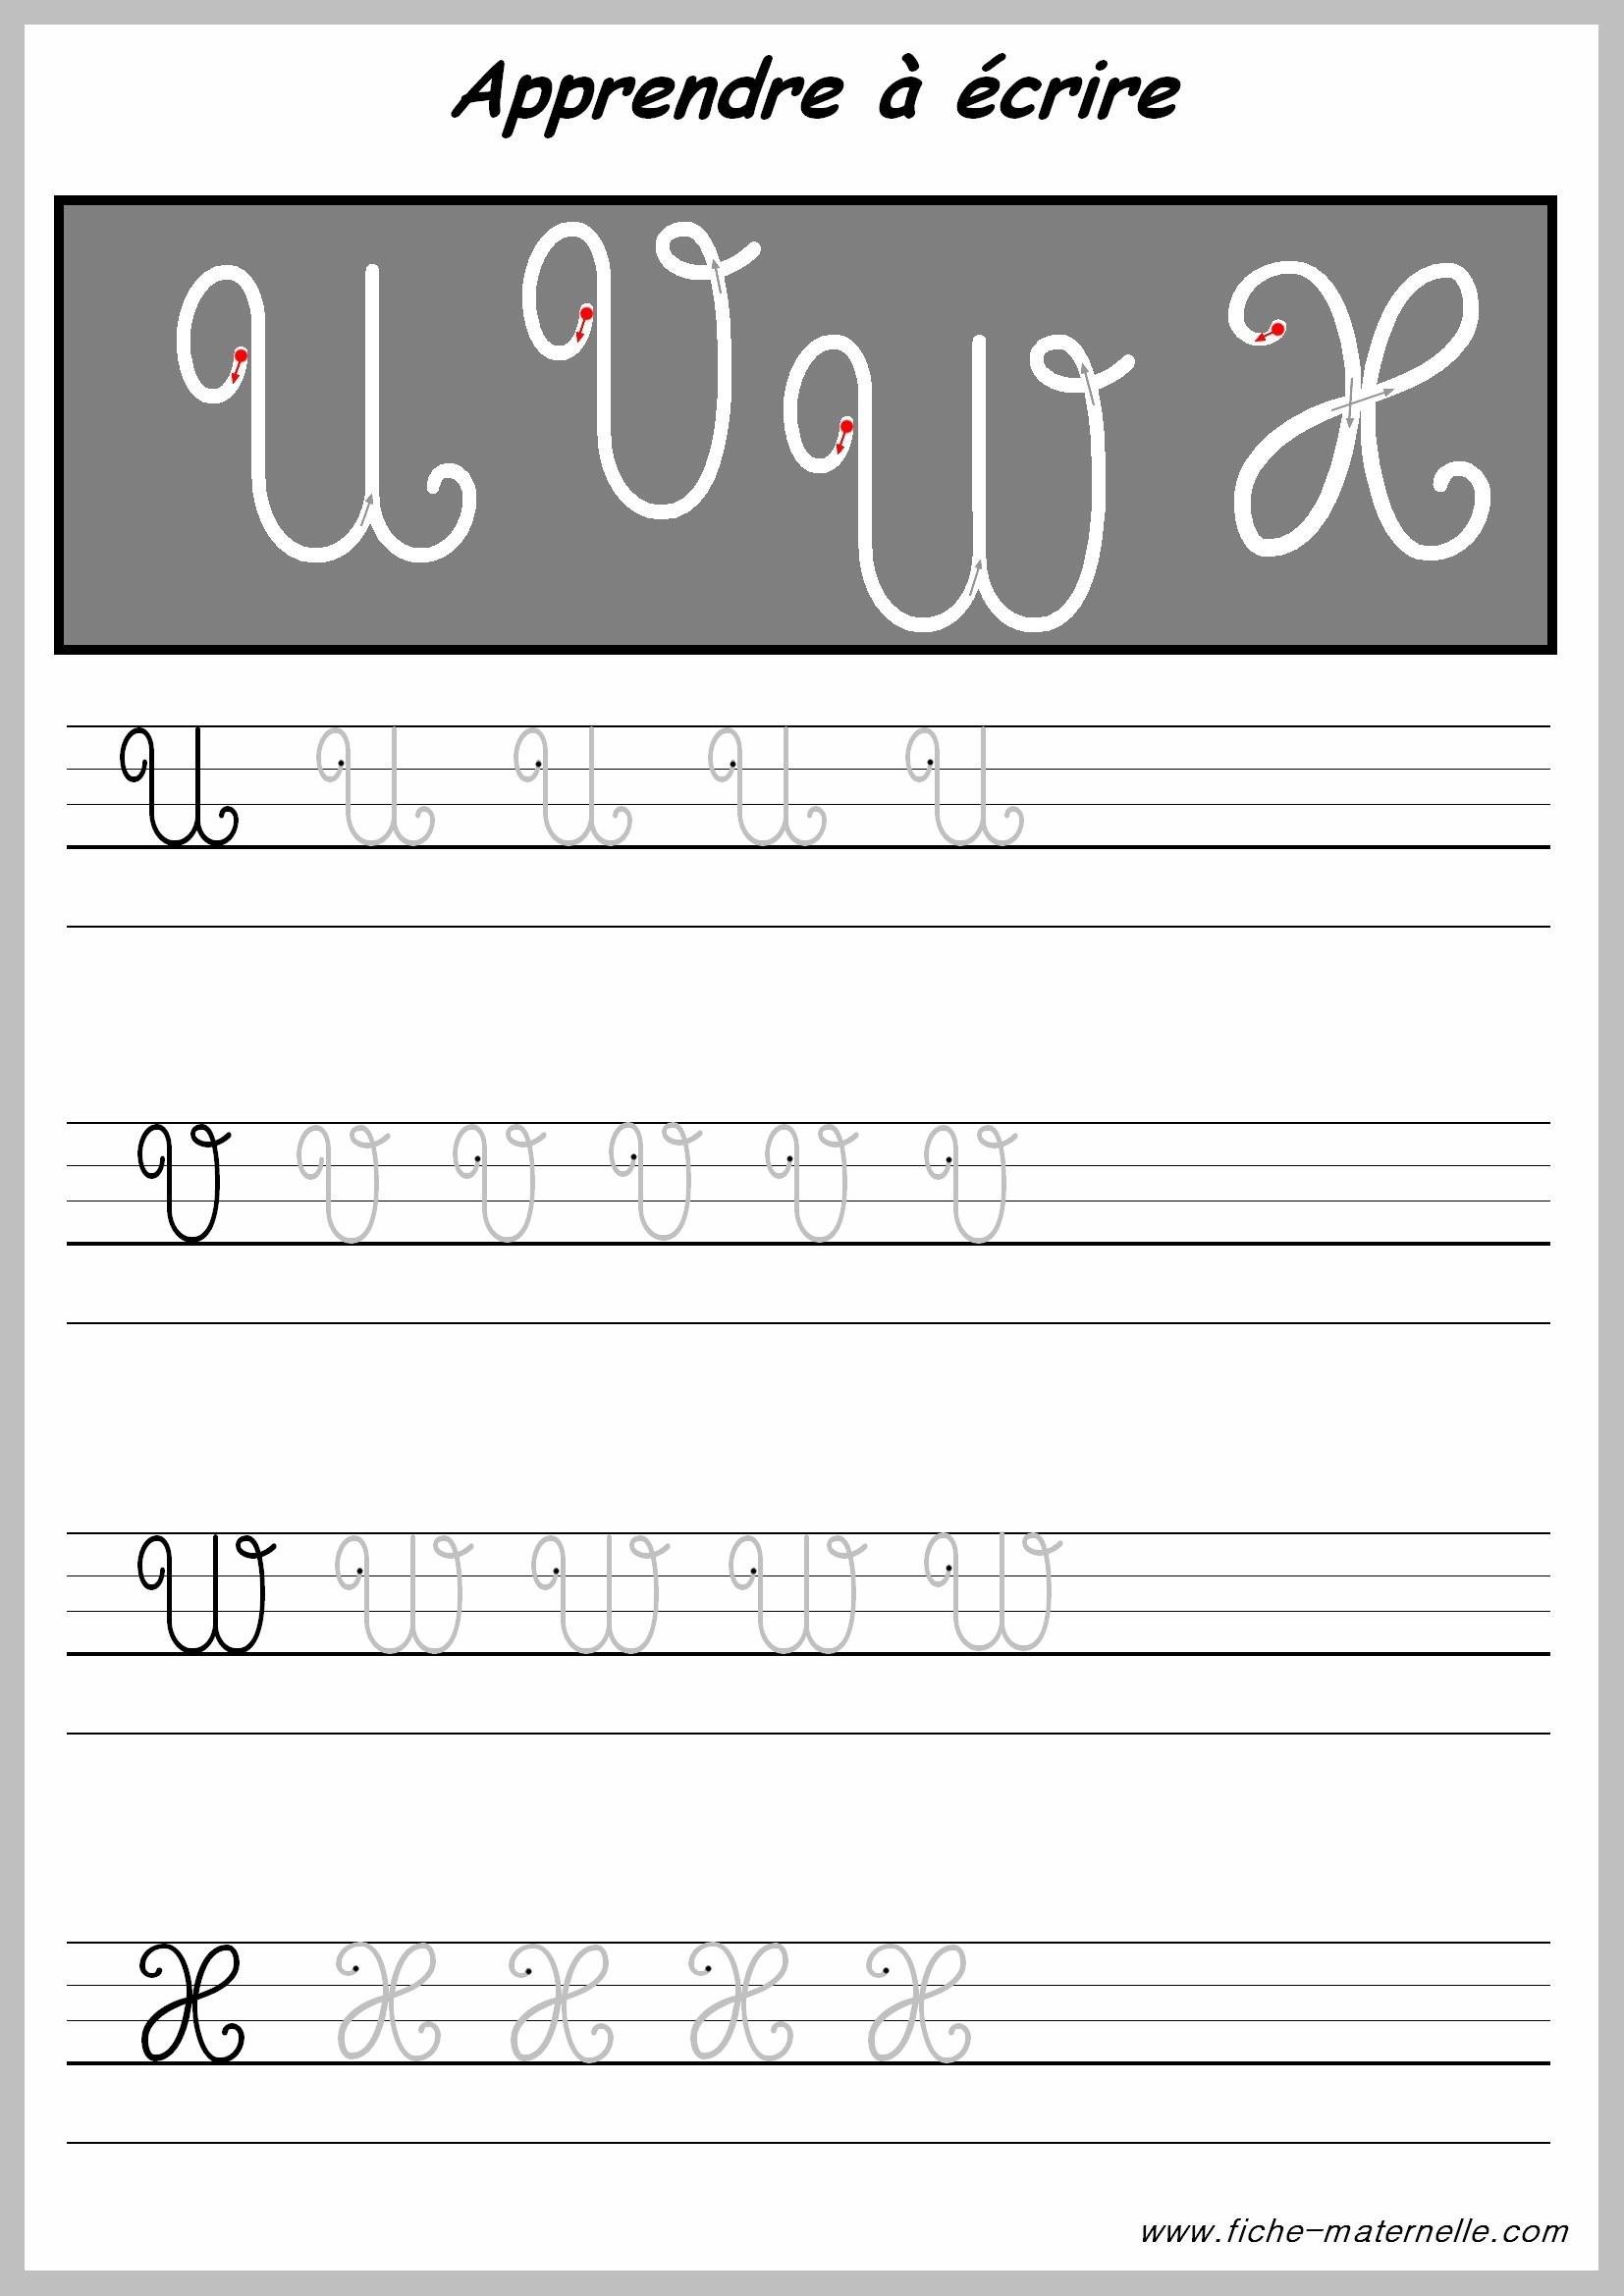 Exercices D'écriture Pour Cp Et Maternelle : Les Lettres pour Apprendre A Ecrire Les Lettres En Majuscule